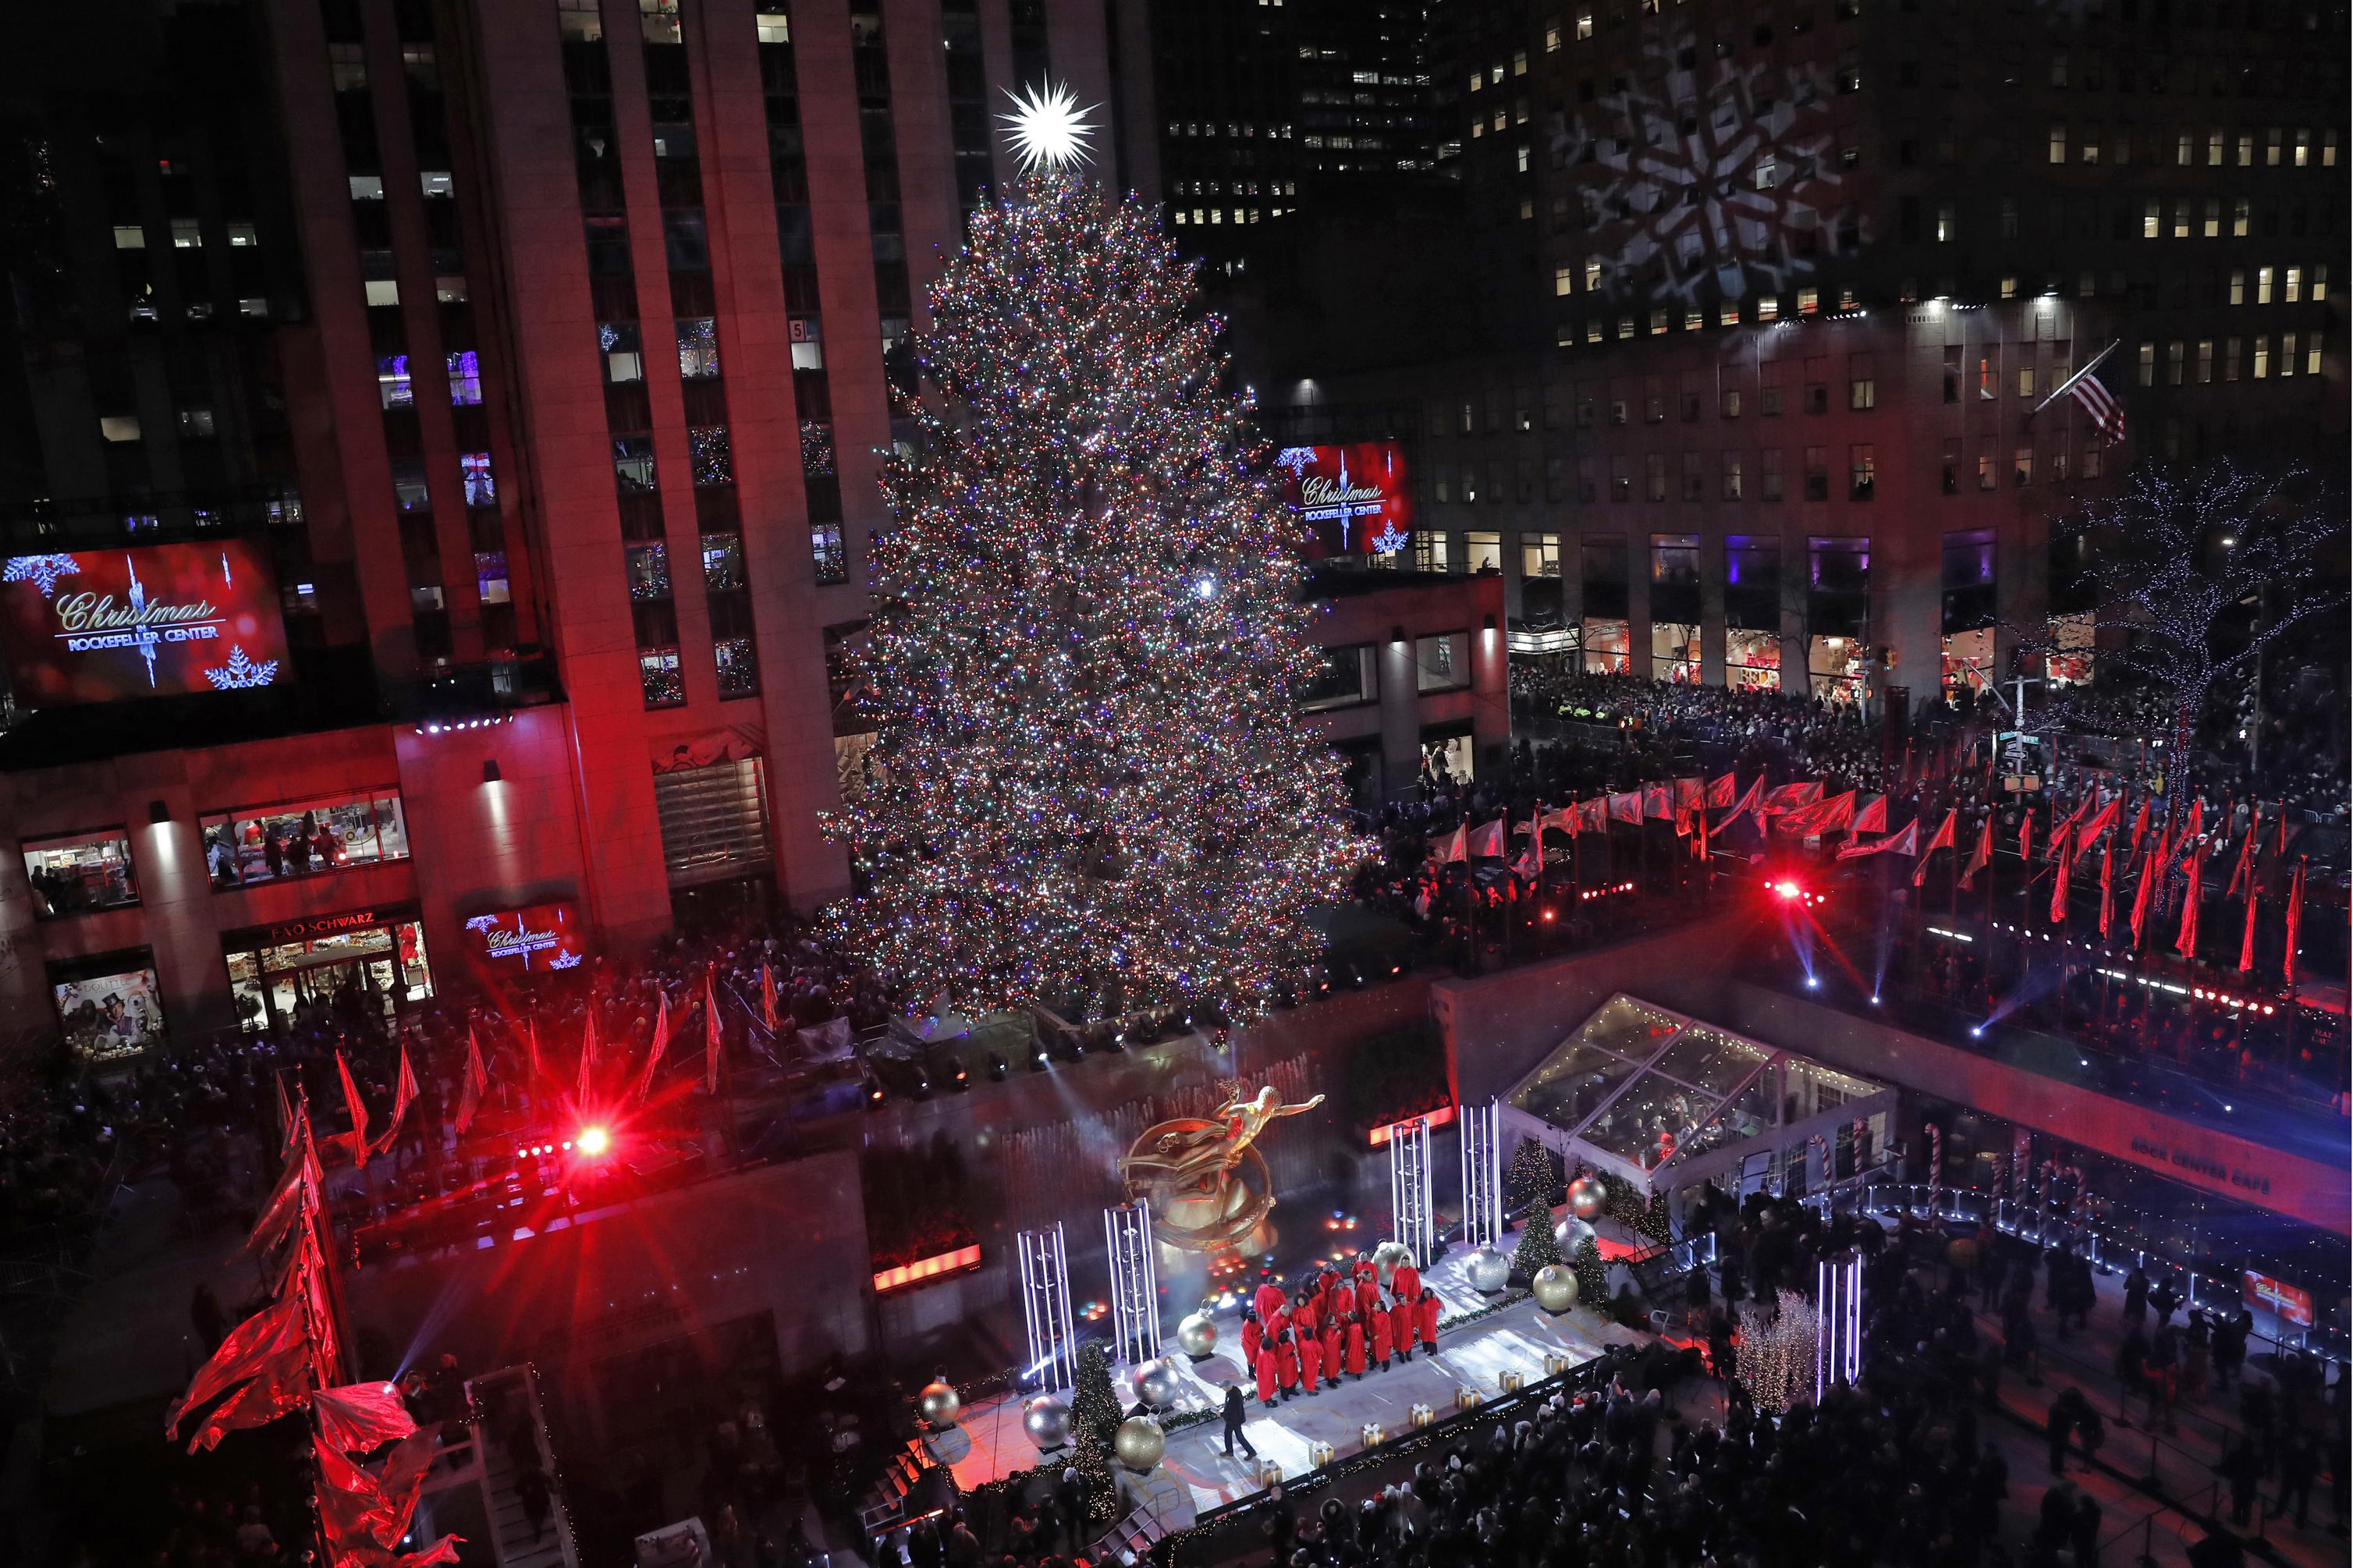 Tis The Season Rockefeller Center Christmas Tree Lights Up Cbs 42